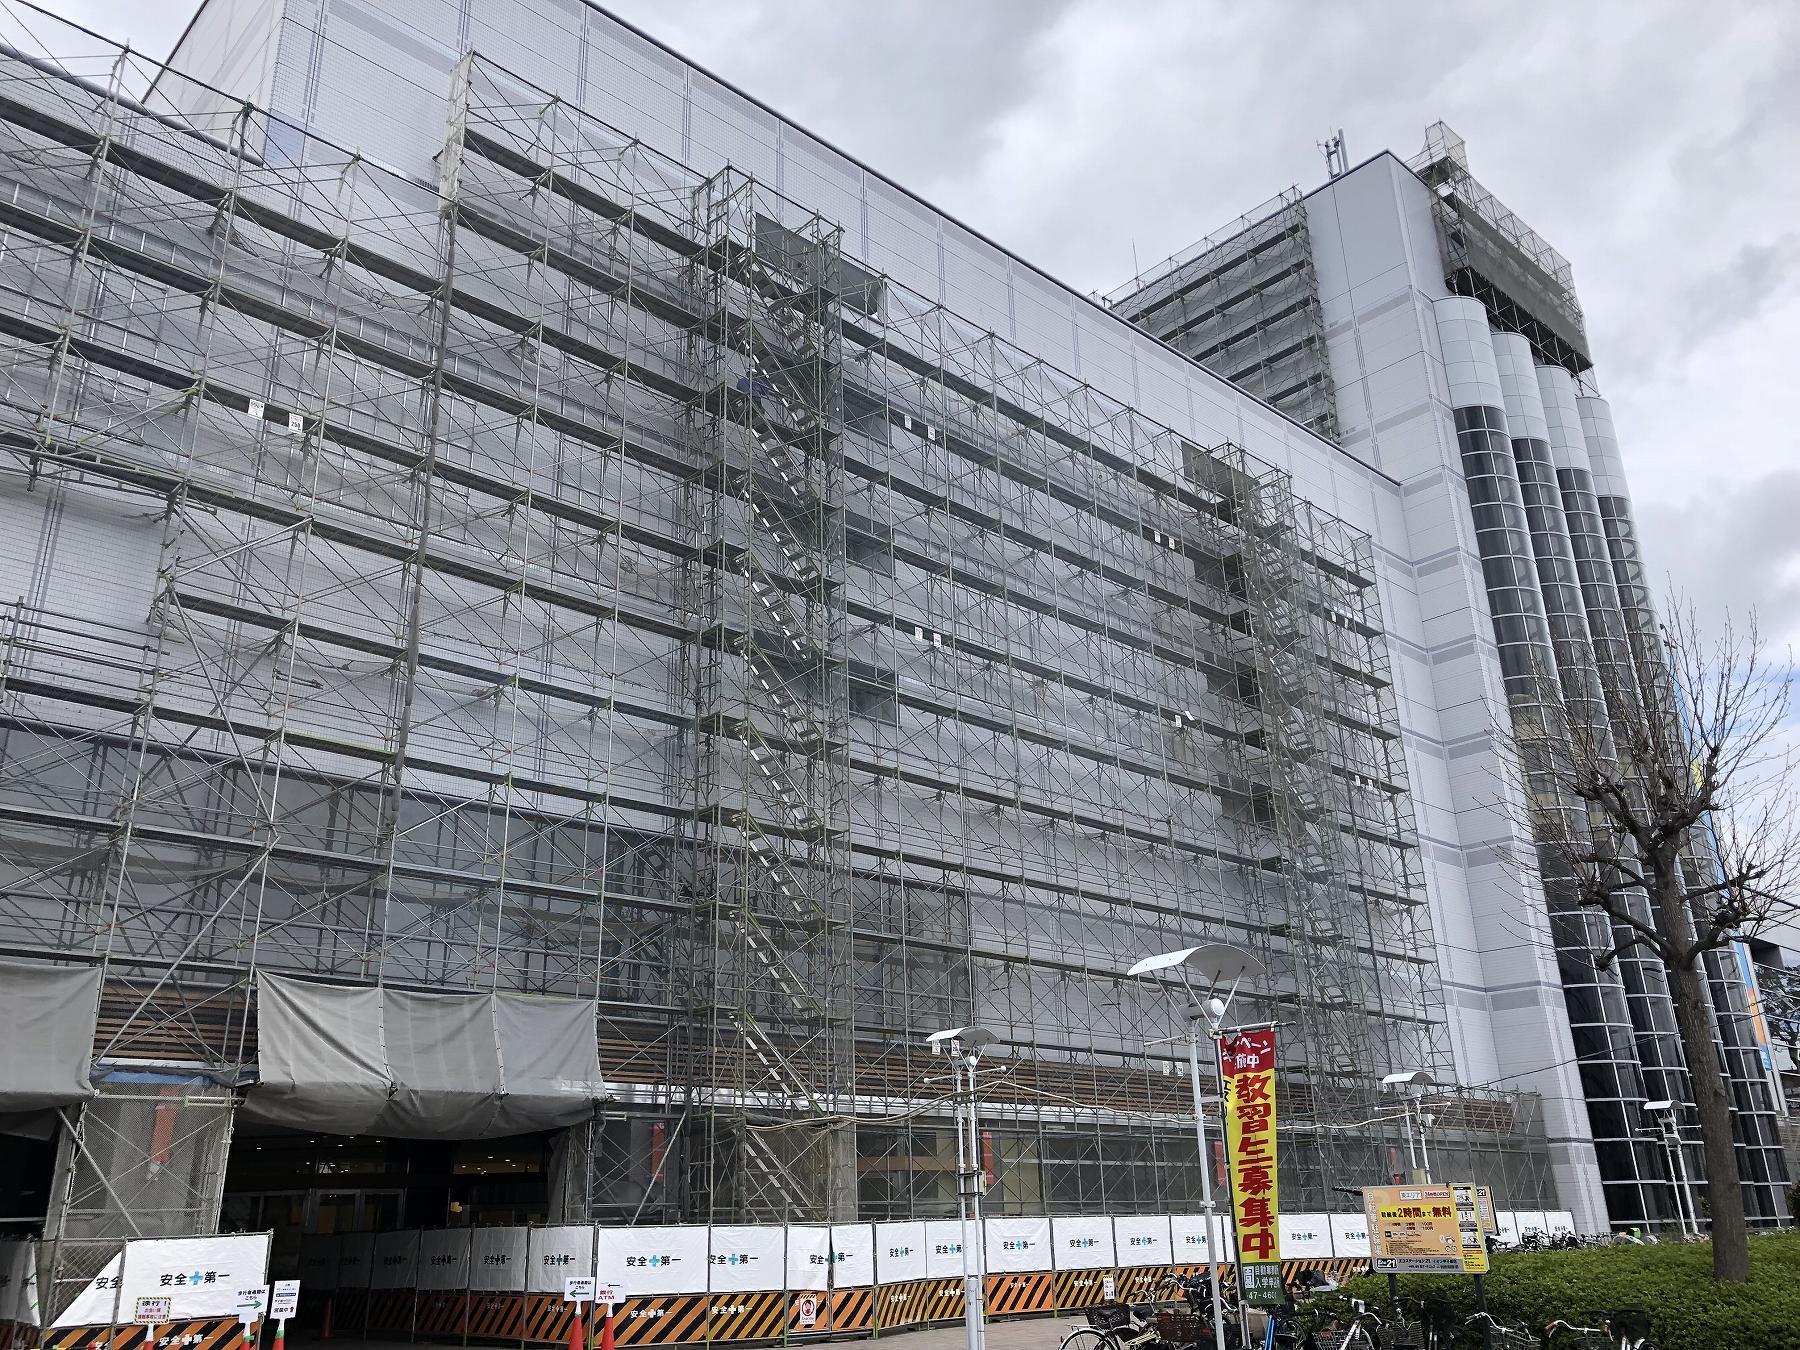 西宮の「コロワ甲子園」が2018年4月26日(木)グランドオープン!3月現在の様子がこちら #コロワ甲子園 #新規オープン #阪神甲子園 #Corowa